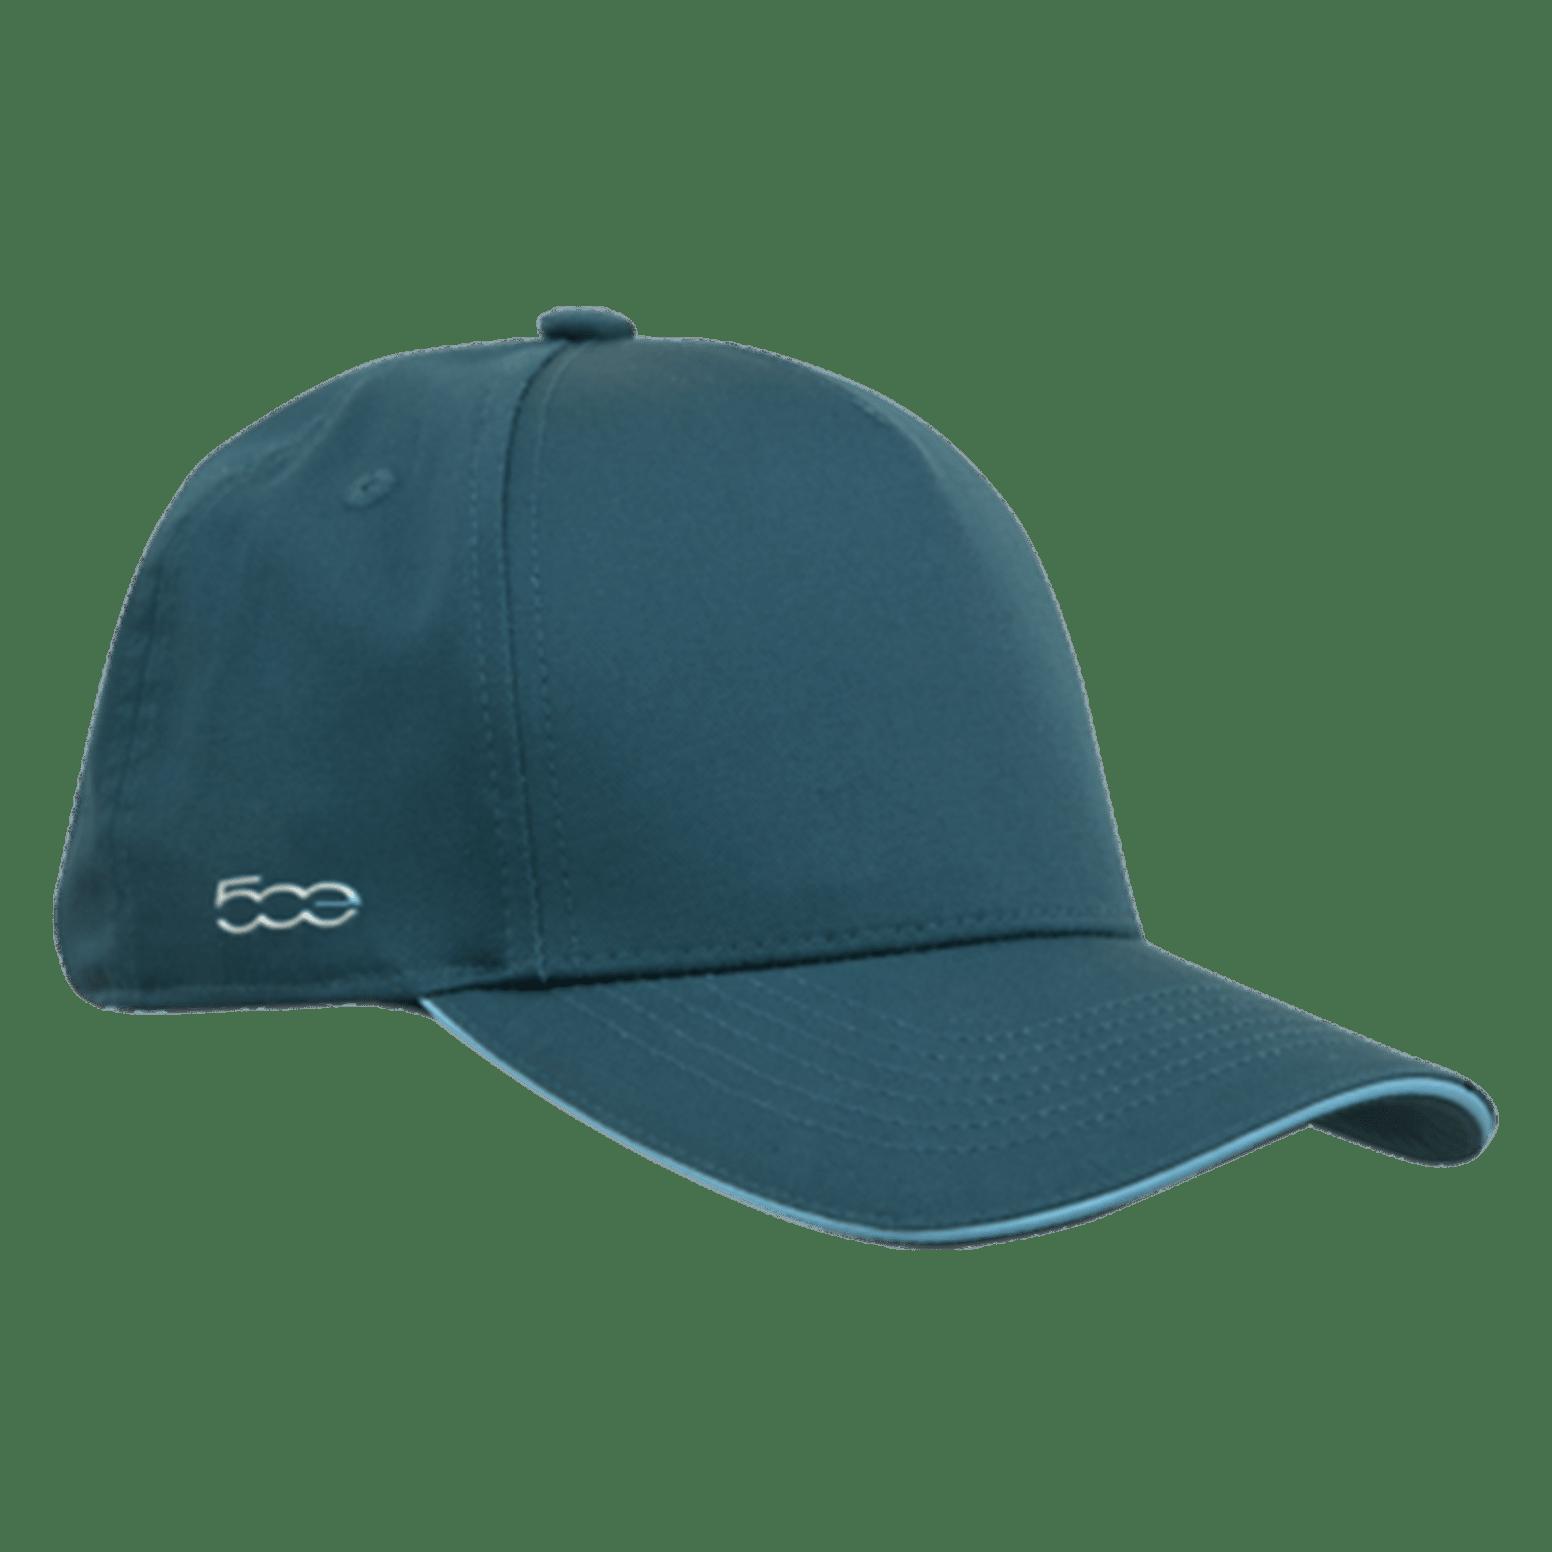 500e Baseball cap merchandise